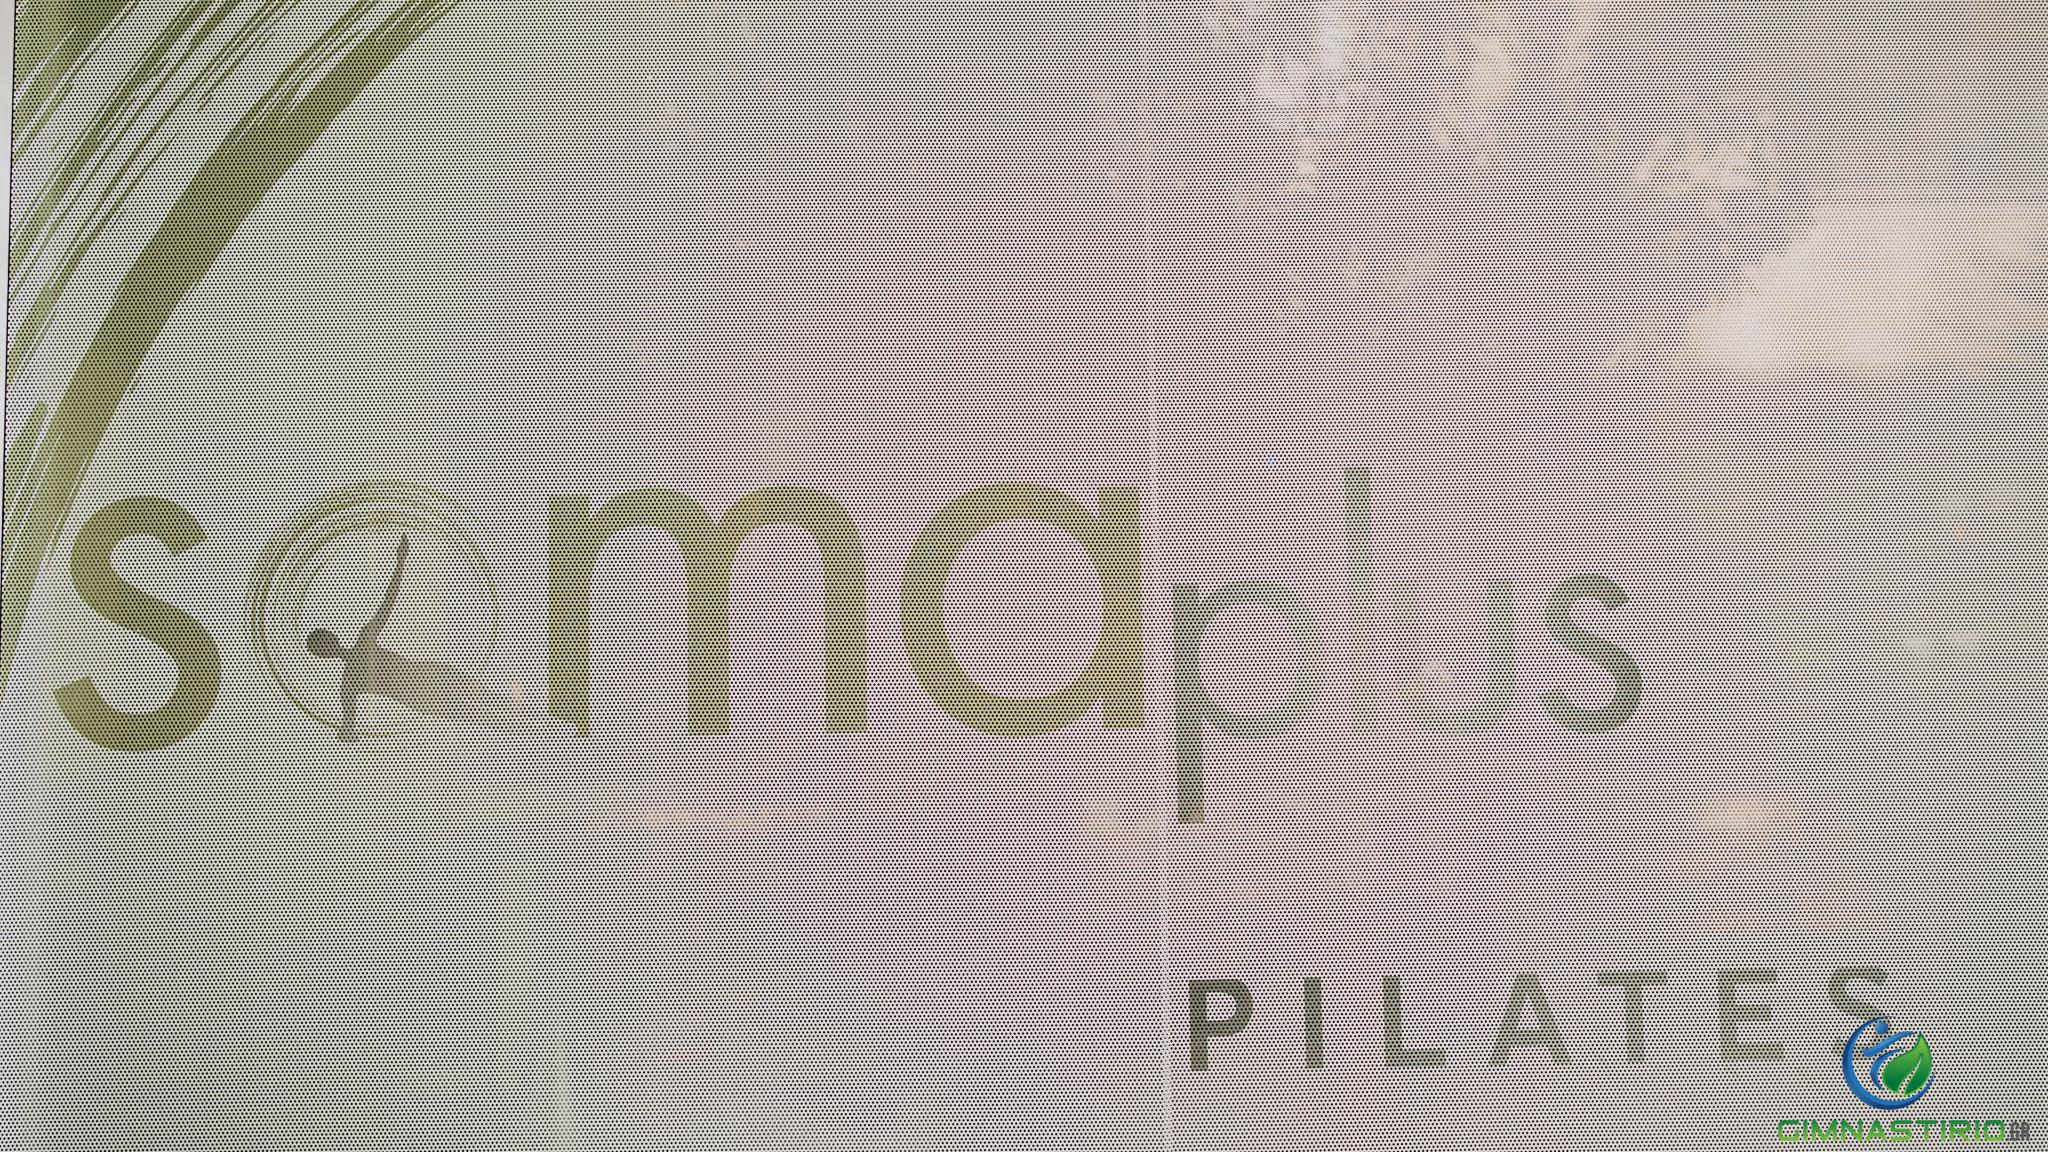 45€ για έξι (6) συνεδρίες Pilates Reformer σε Group έως 5 άτομα στο πλήρως εξοπλισμένο Personal Studio SomaPlus στο Μαρούσι! Αρχικής αξίας 100€ - Έκπτωση 55%